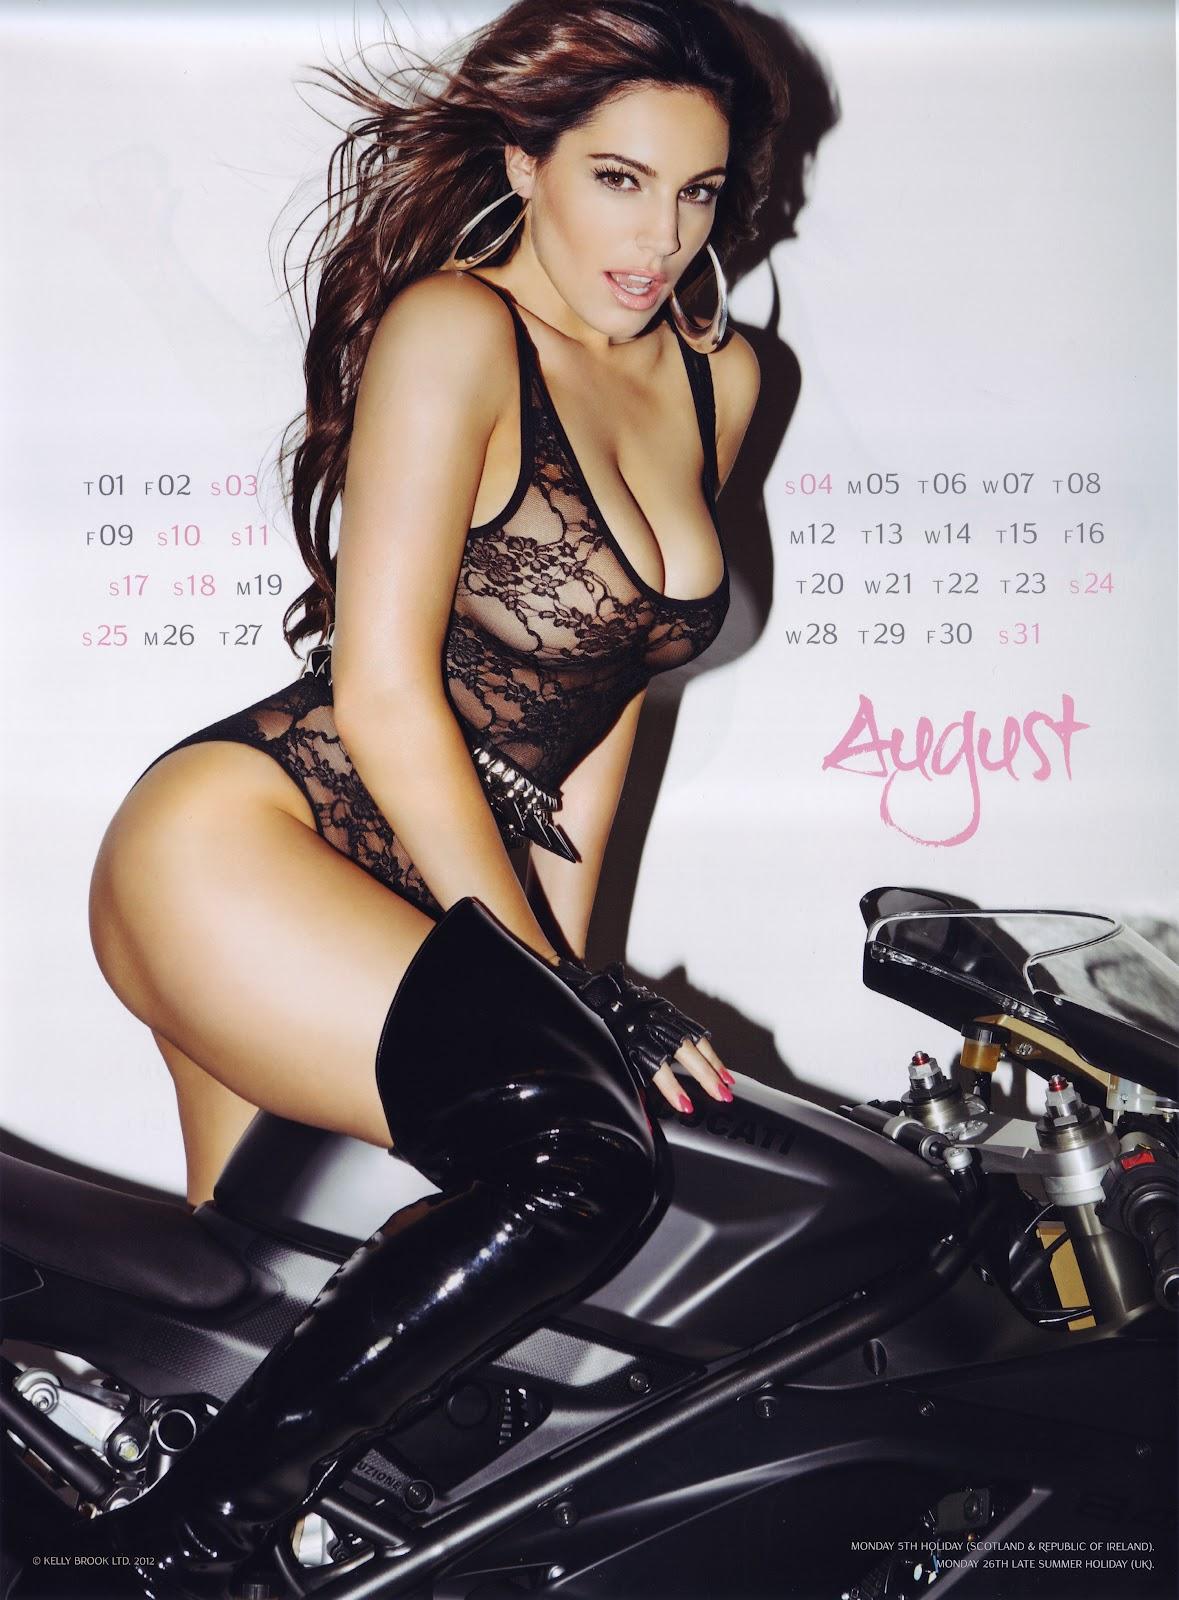 http://4.bp.blogspot.com/-42uZmigq9rM/UF0WX0XSxyI/AAAAAAAAOWA/tVxtUL4ih98/s1600/Kelly+Brook+Official+2013+Calendar++-09.jpg